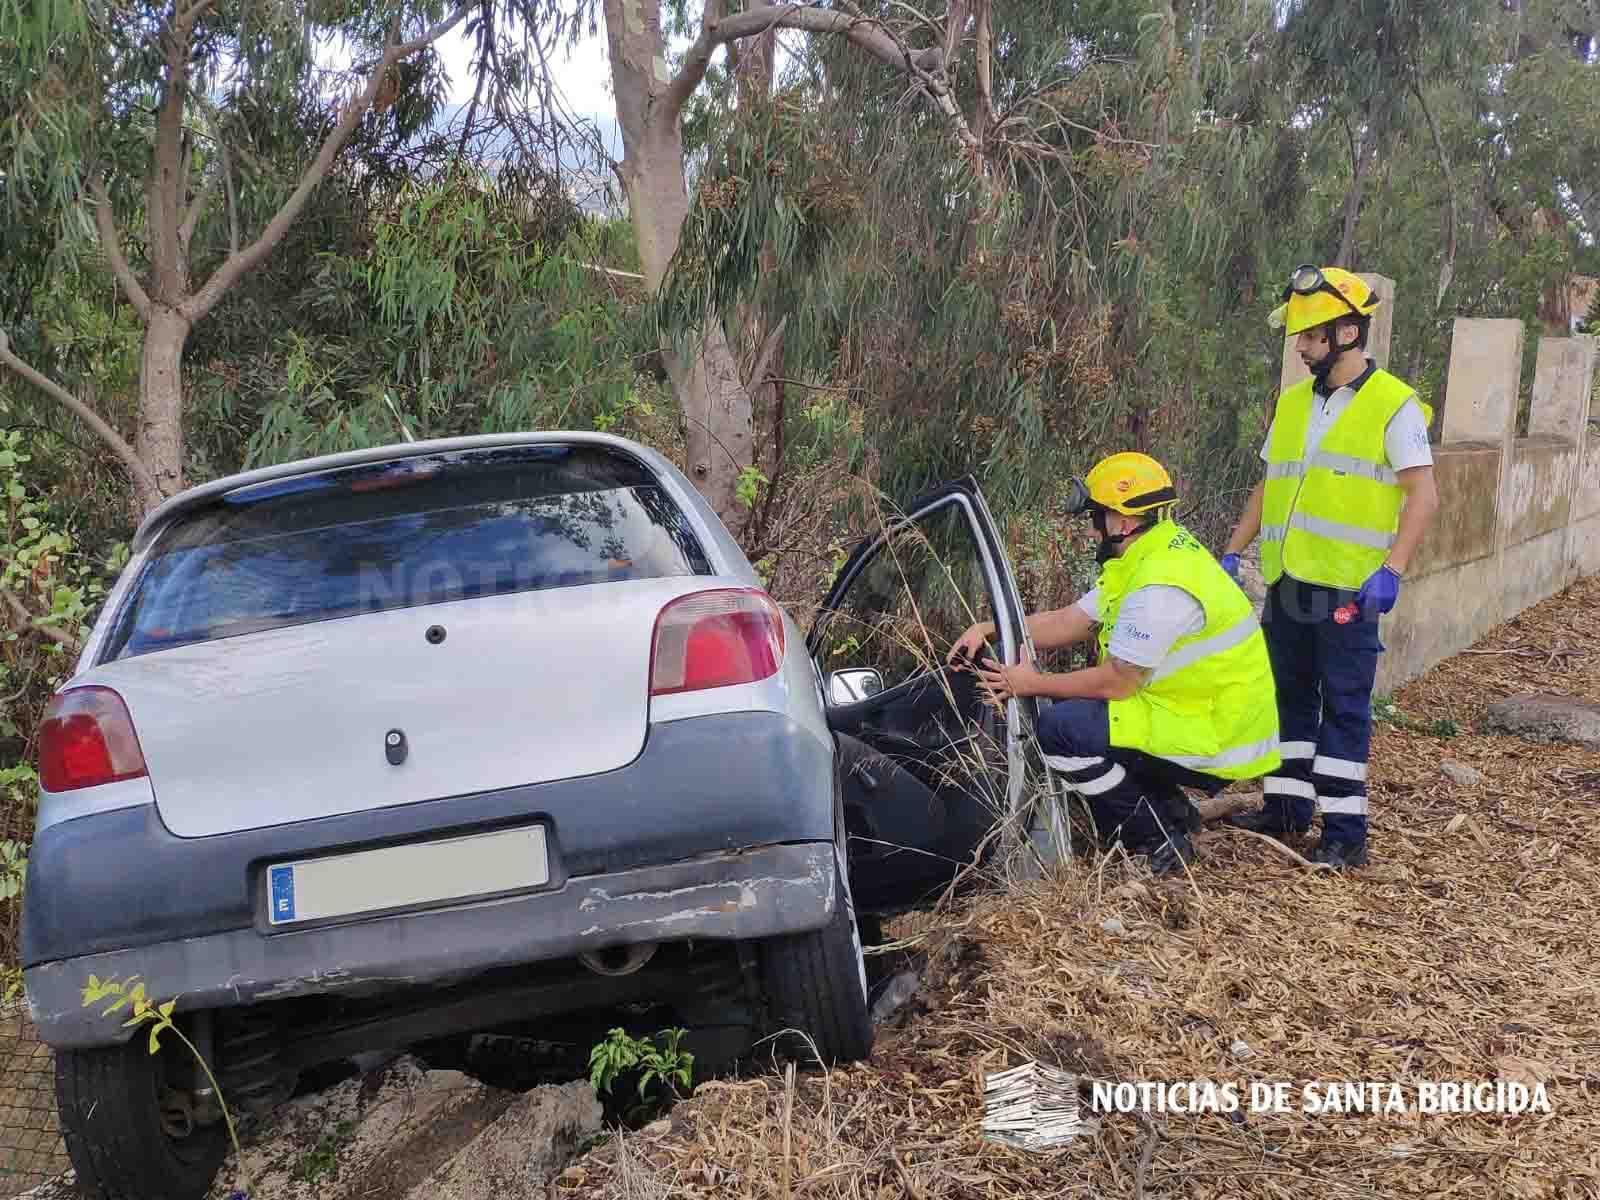 accidente santa brigida 16 octubre 2018 noticias de santa brigida